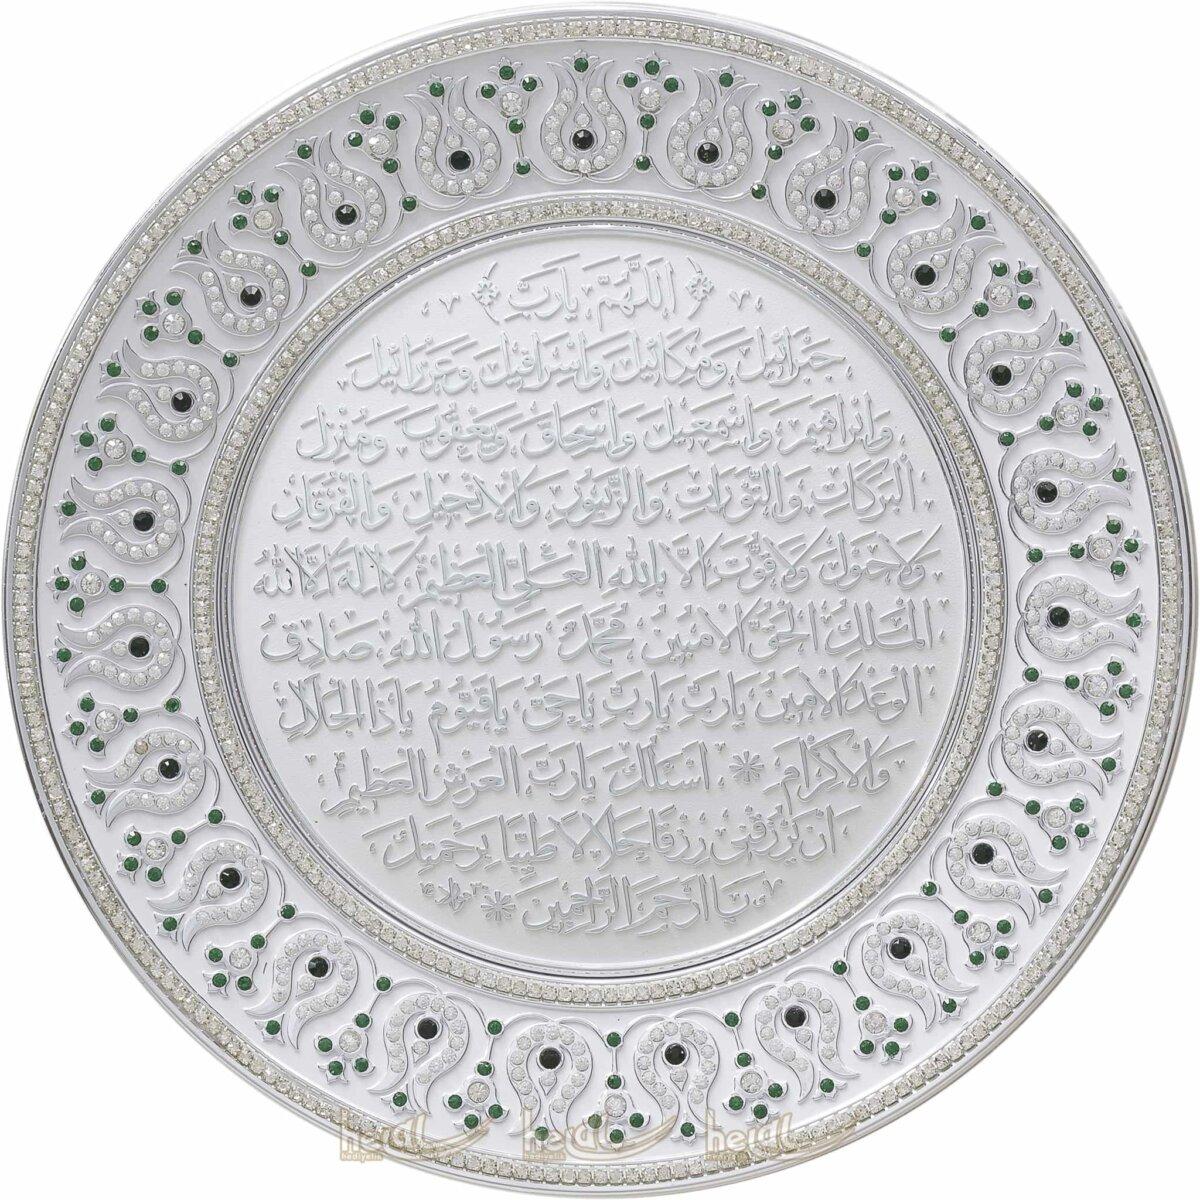 33cm Kristal Taşlı Bereket ( Karınca)  Duası Yazılı Tabak Masa Üstü ve Duvar Süsü Ayetli Ürünler